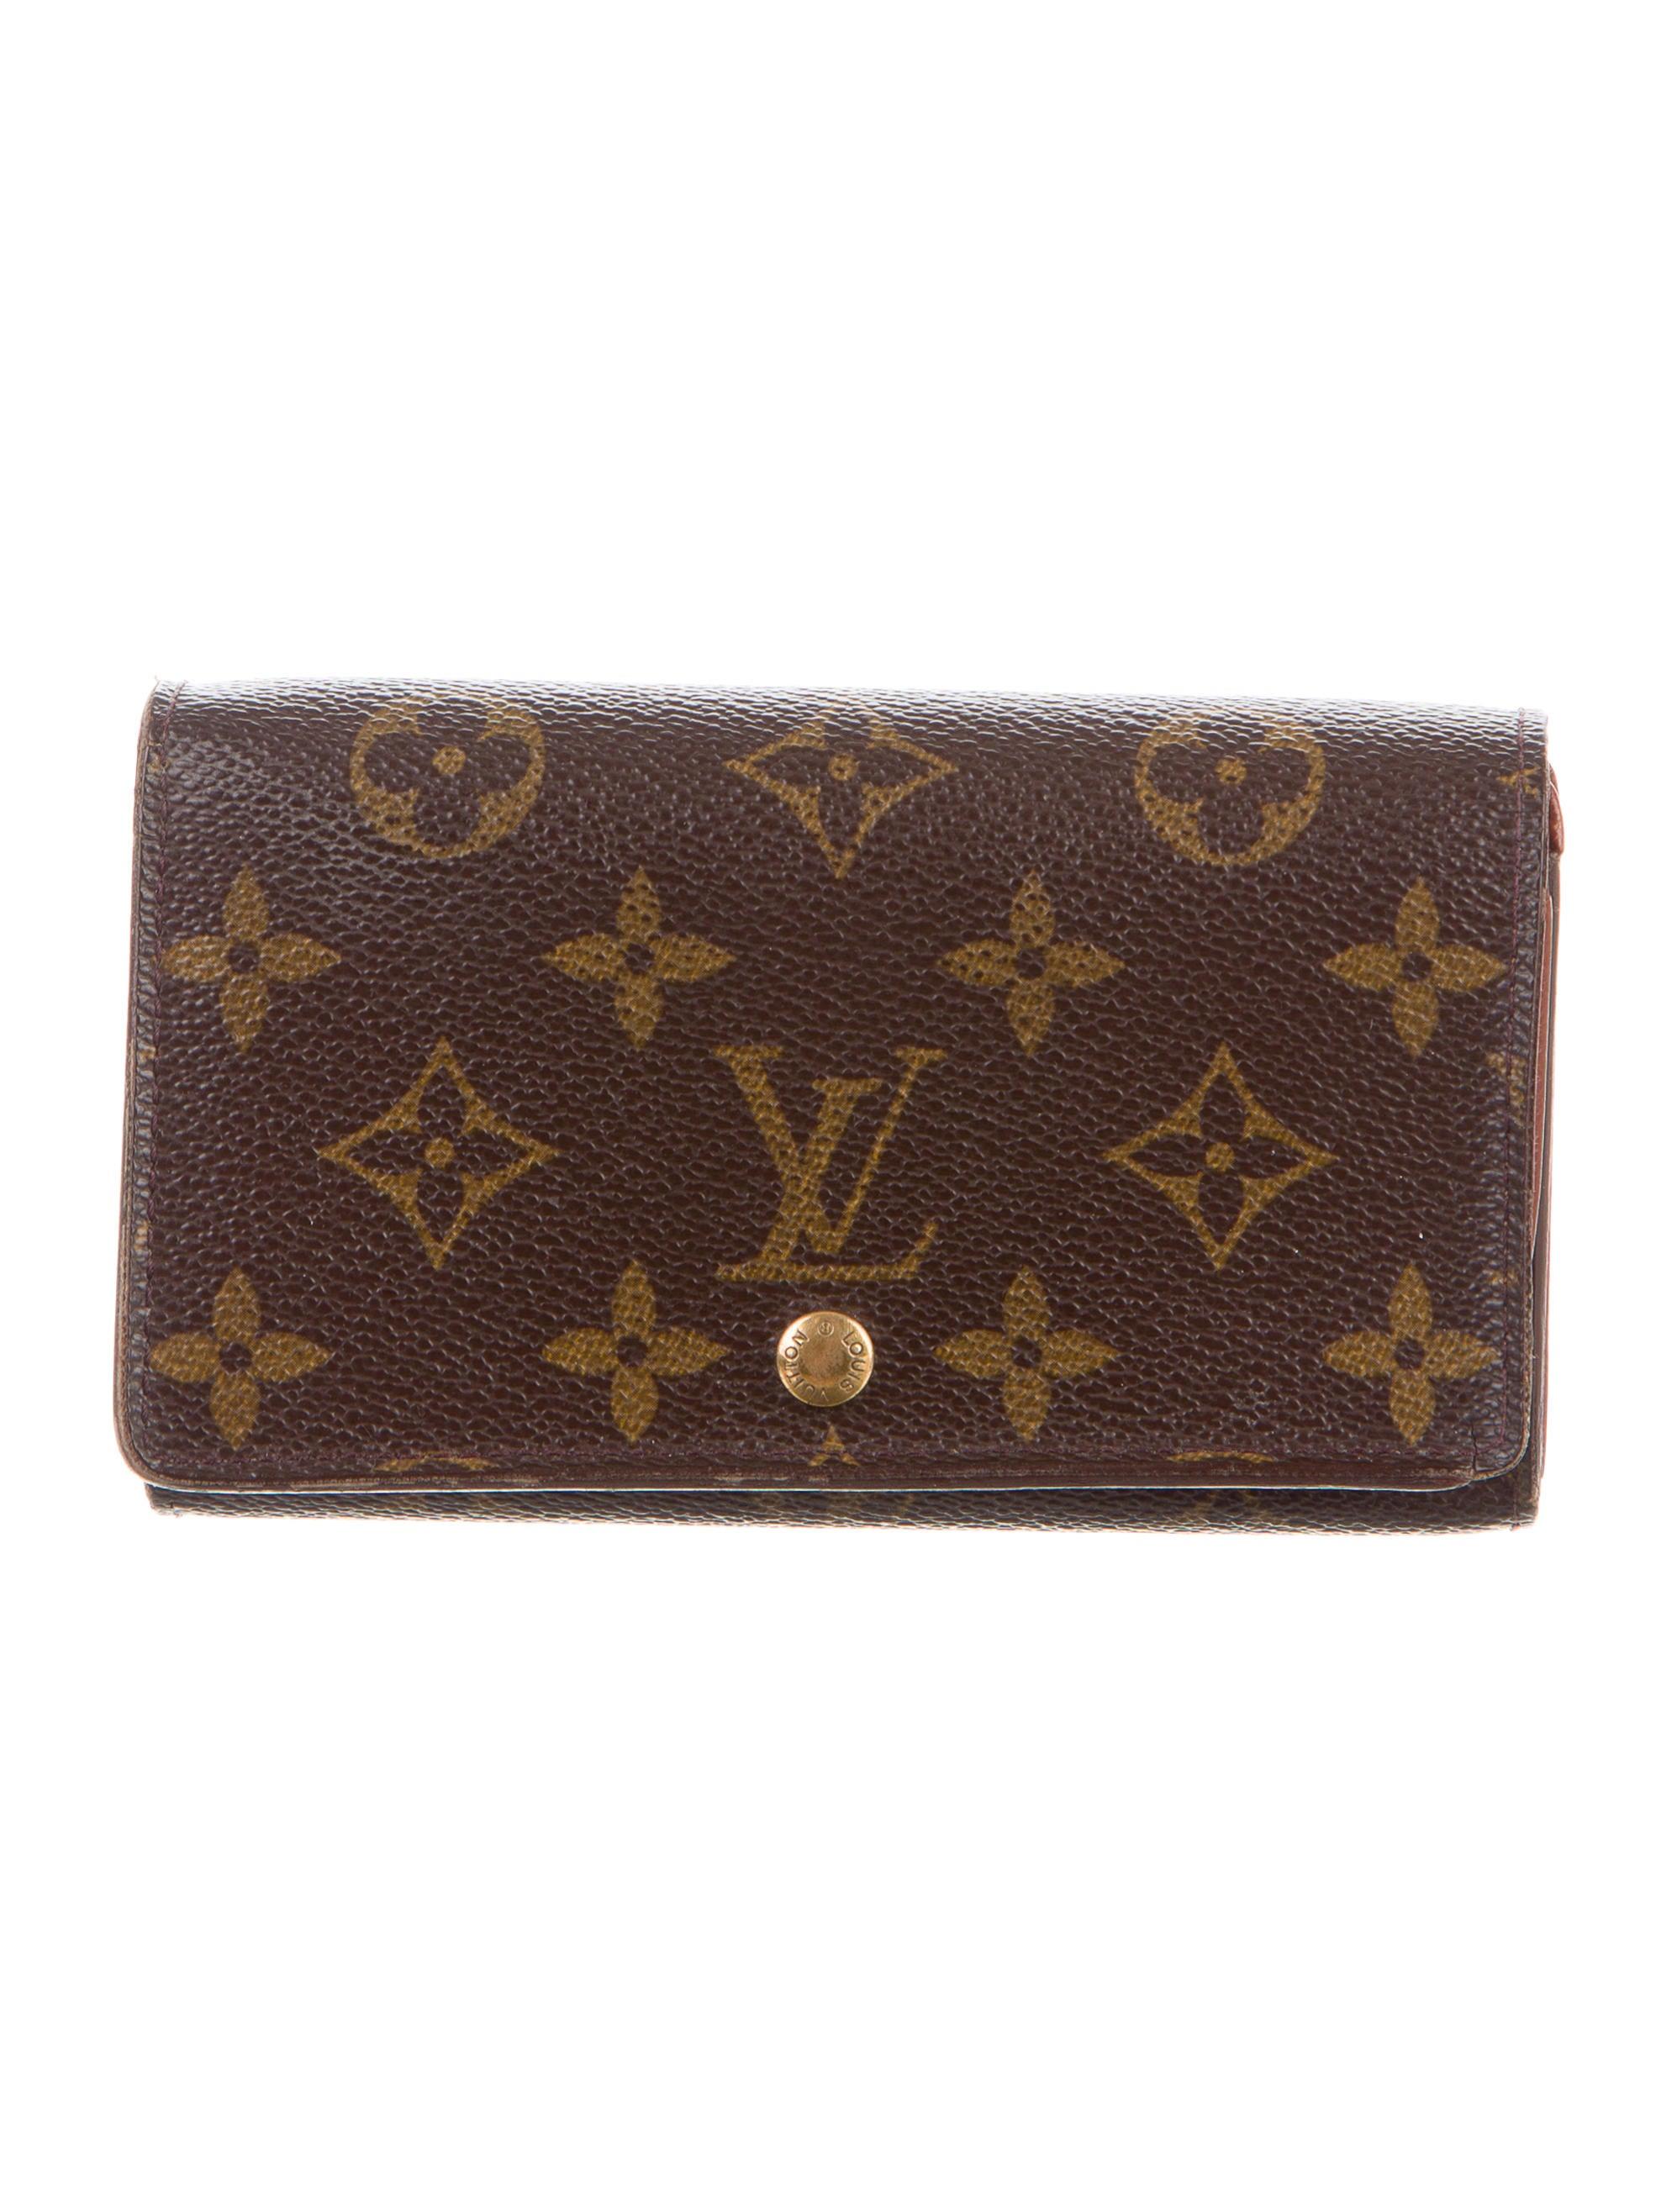 Louis vuitton porte monnaie billets tr sor wallet for Porte monnaie wallet